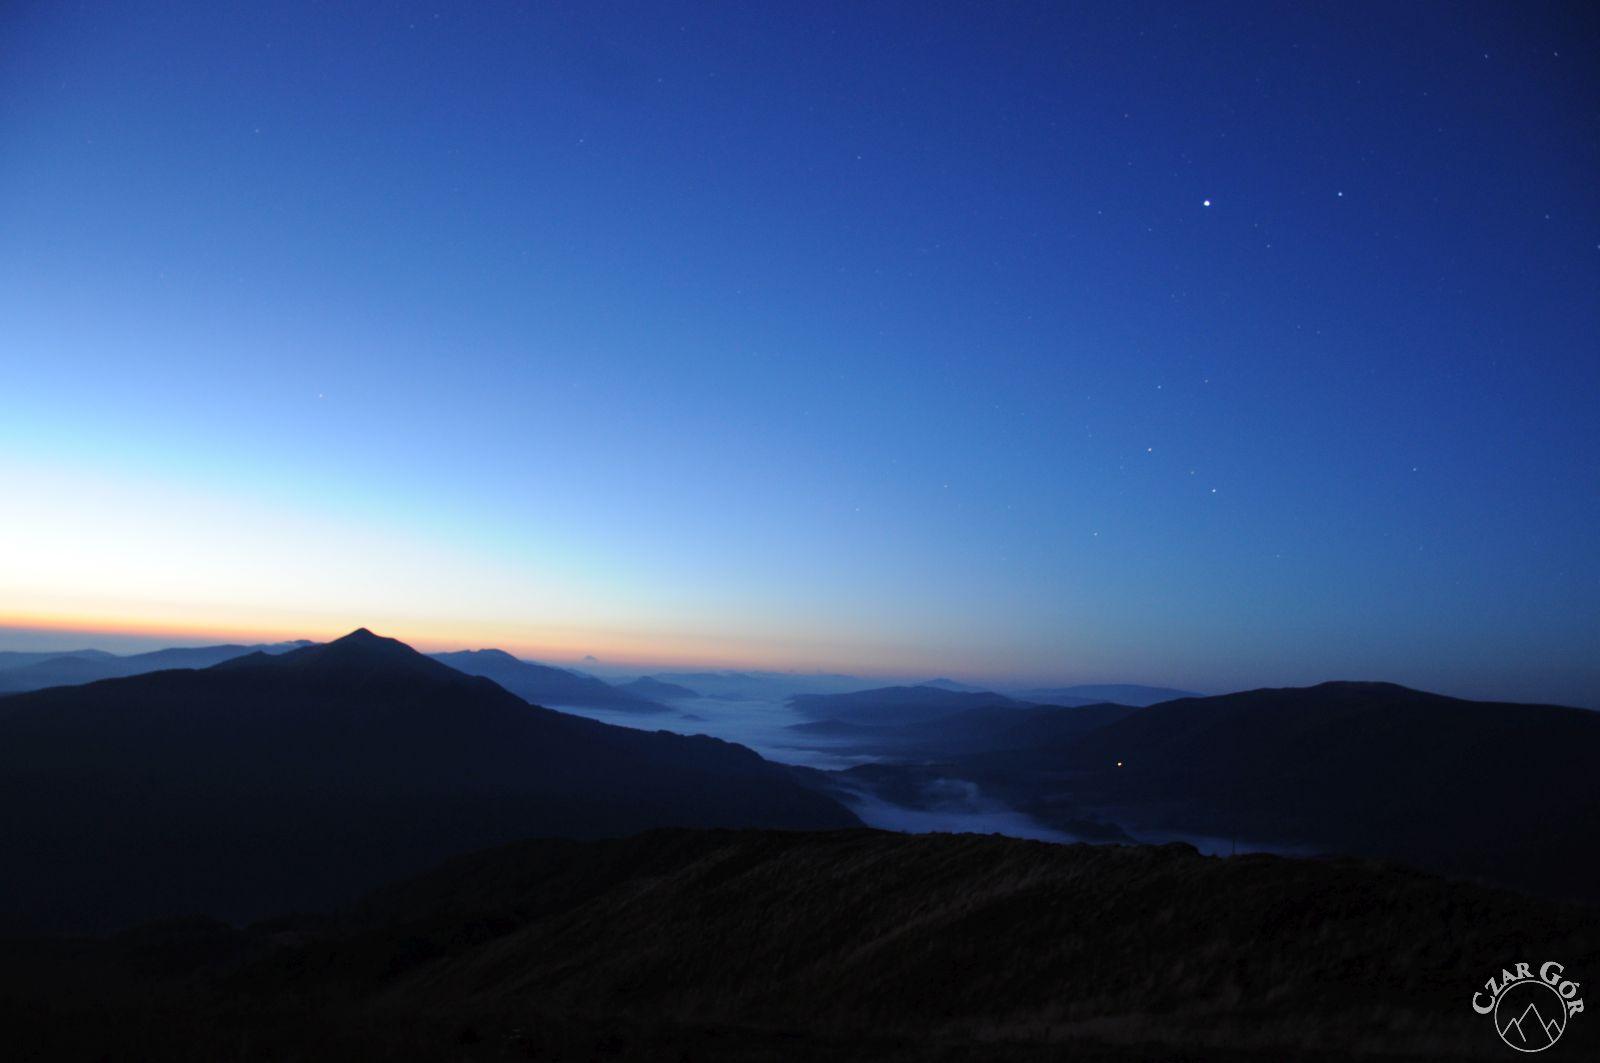 W stronę Połoniny Caryńskiej. Tuż przed wschodem Słońca